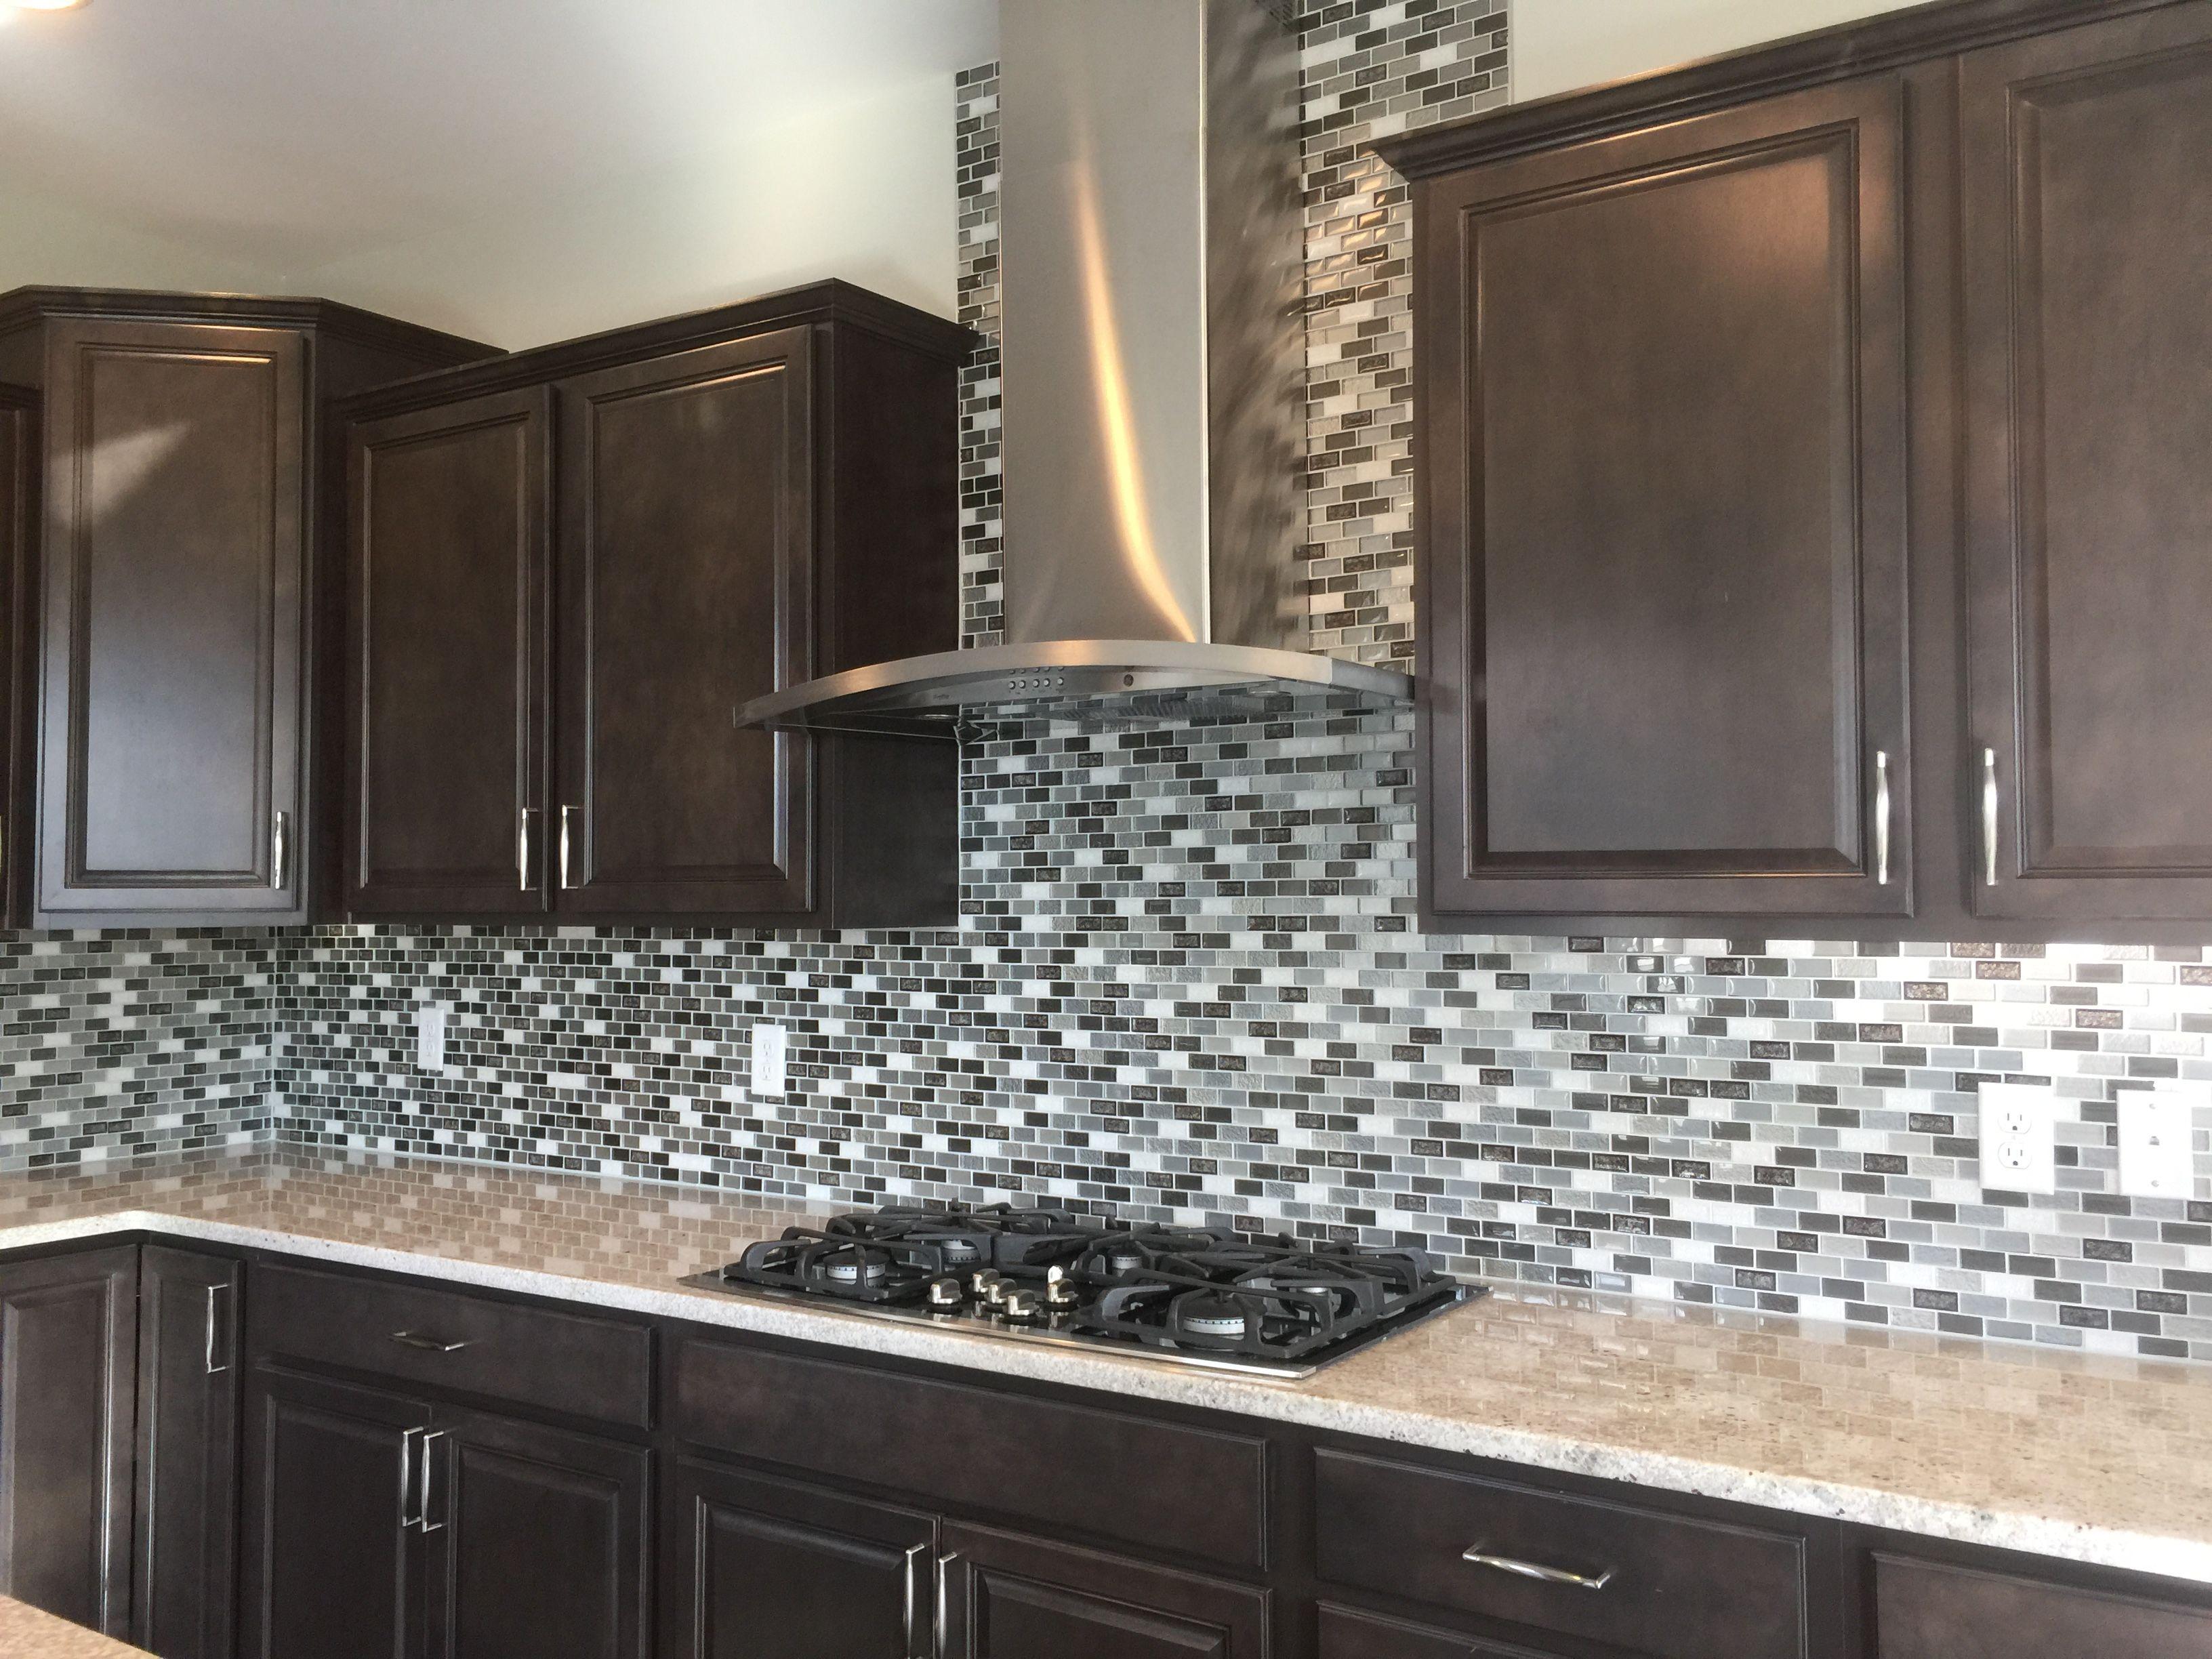 Crystal Shores Emerald Isle Backsplash Tile Dark Brown Kitchen Cabinets Brown Kitchen Cabinets Kitchen Ideas New House